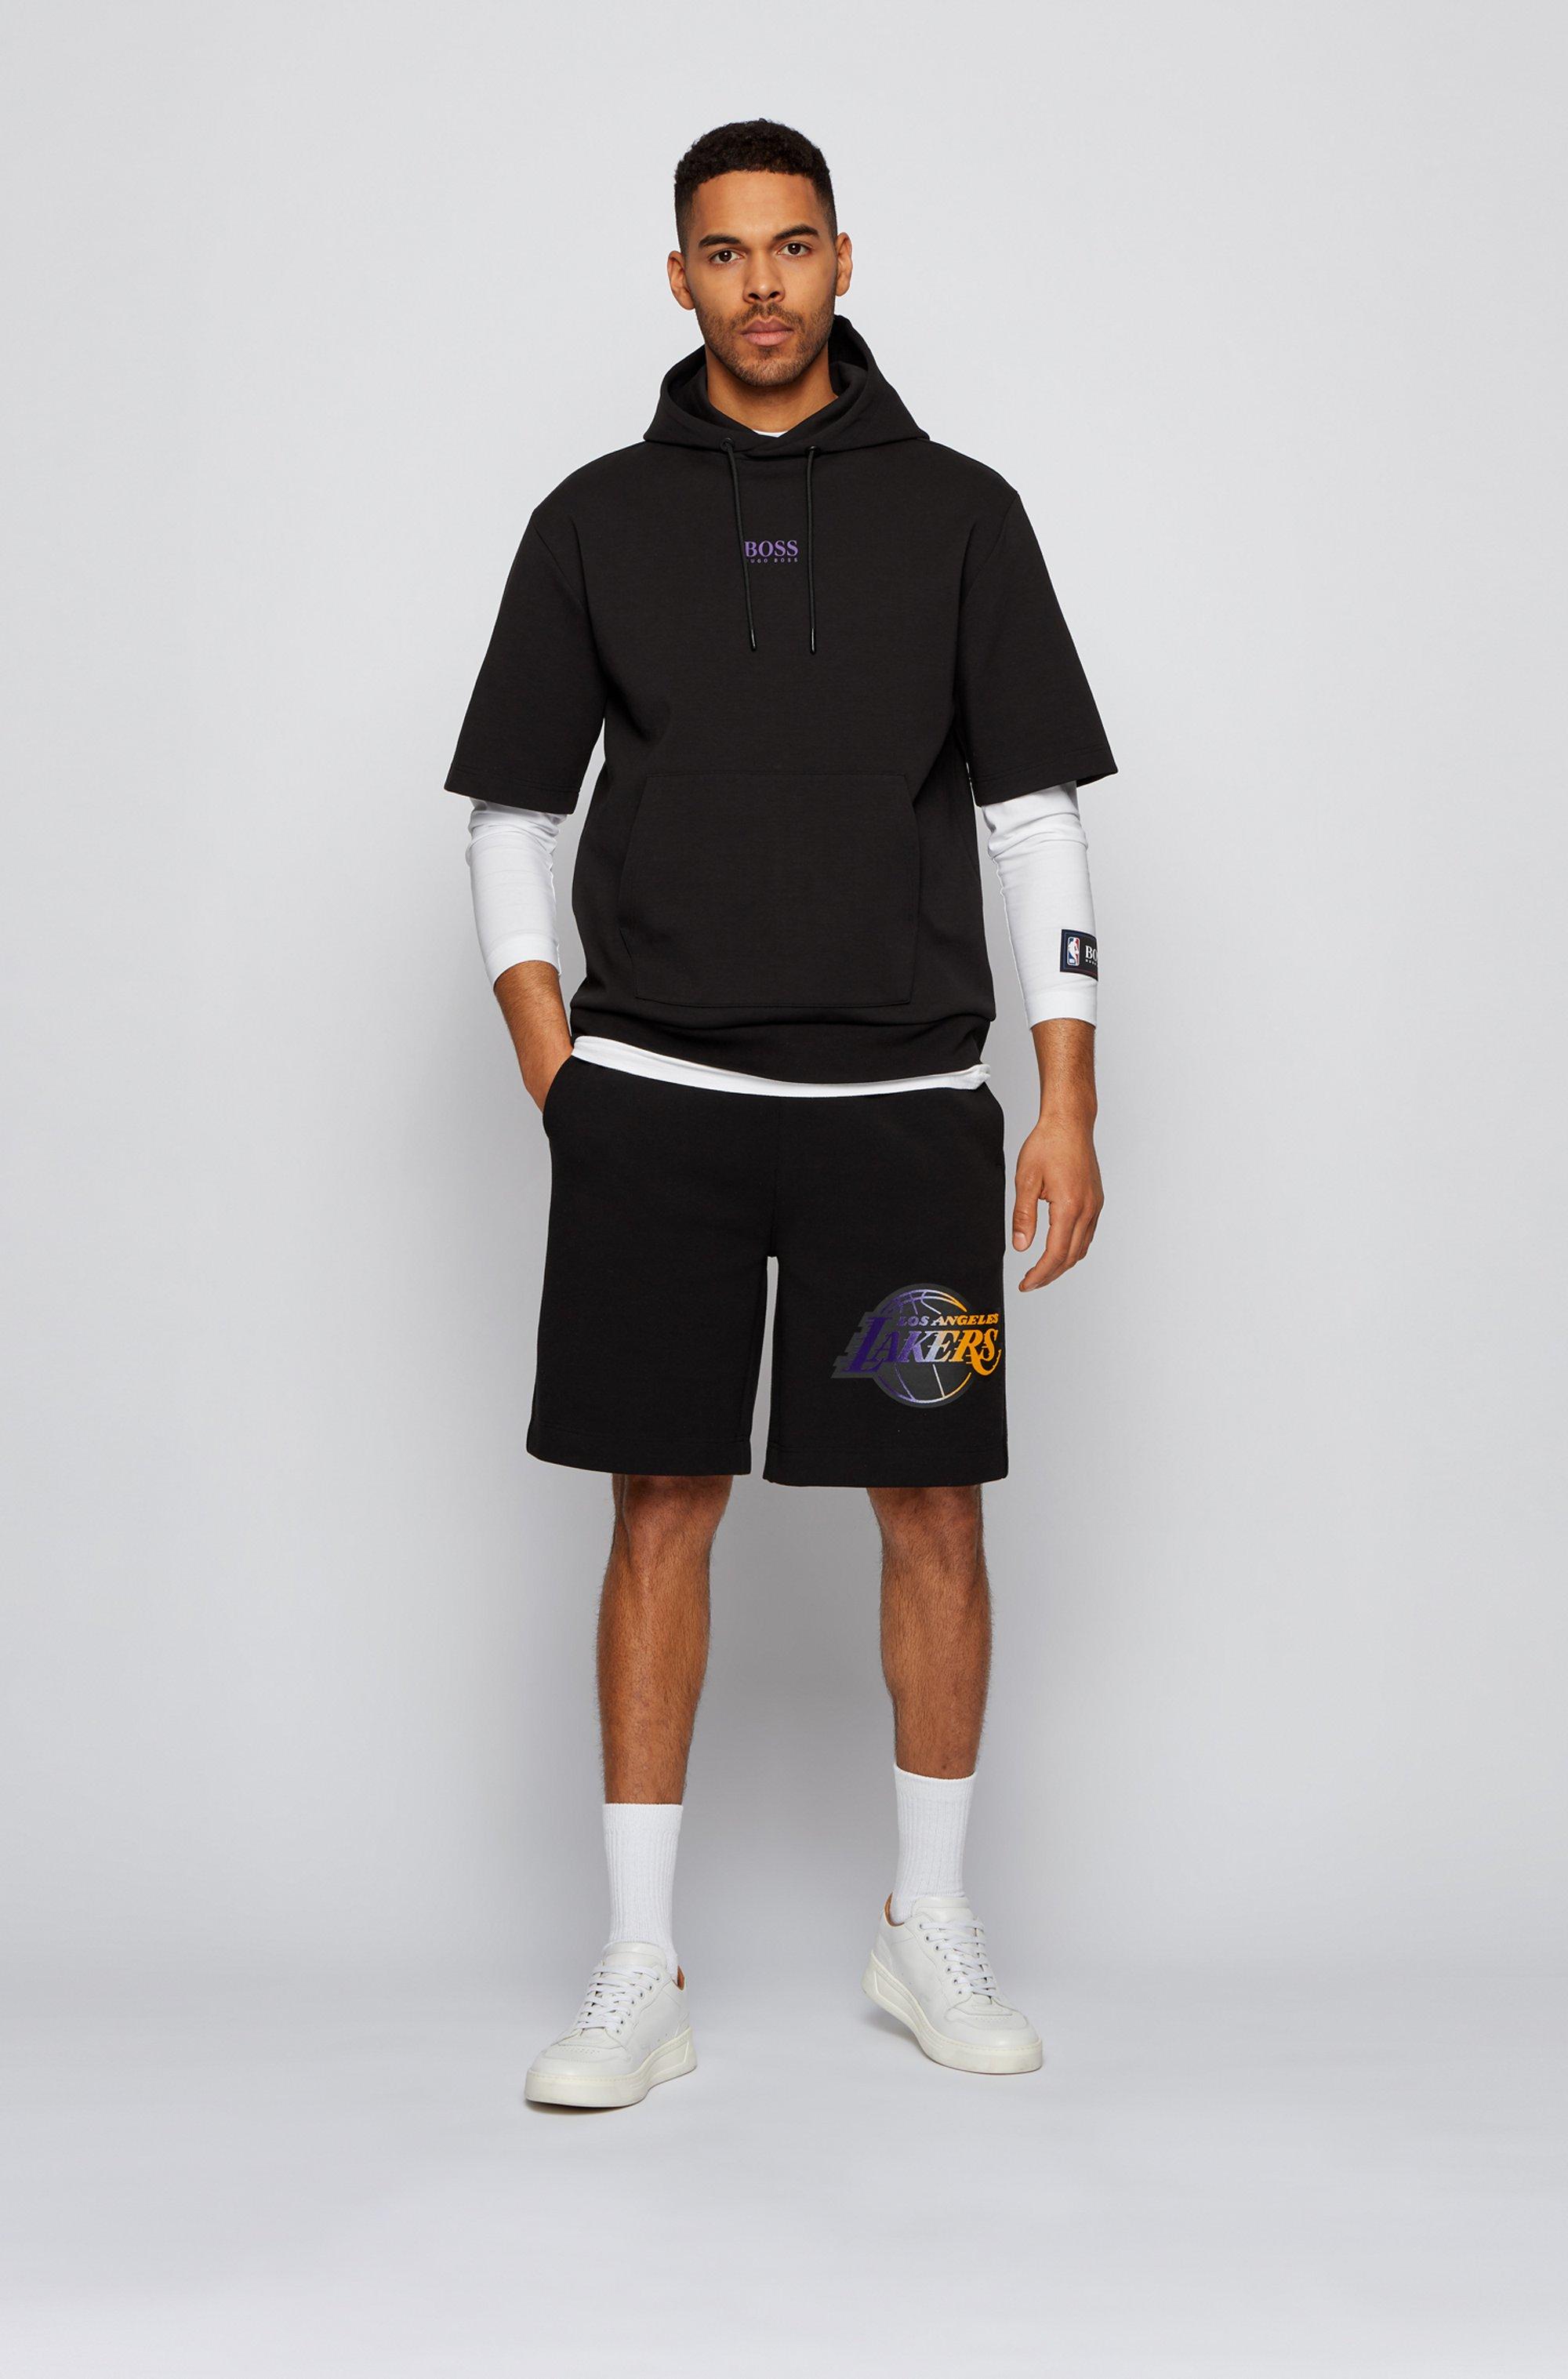 Sweat à capuche et manches courtes BOSS x NBA avec logo d'équipe